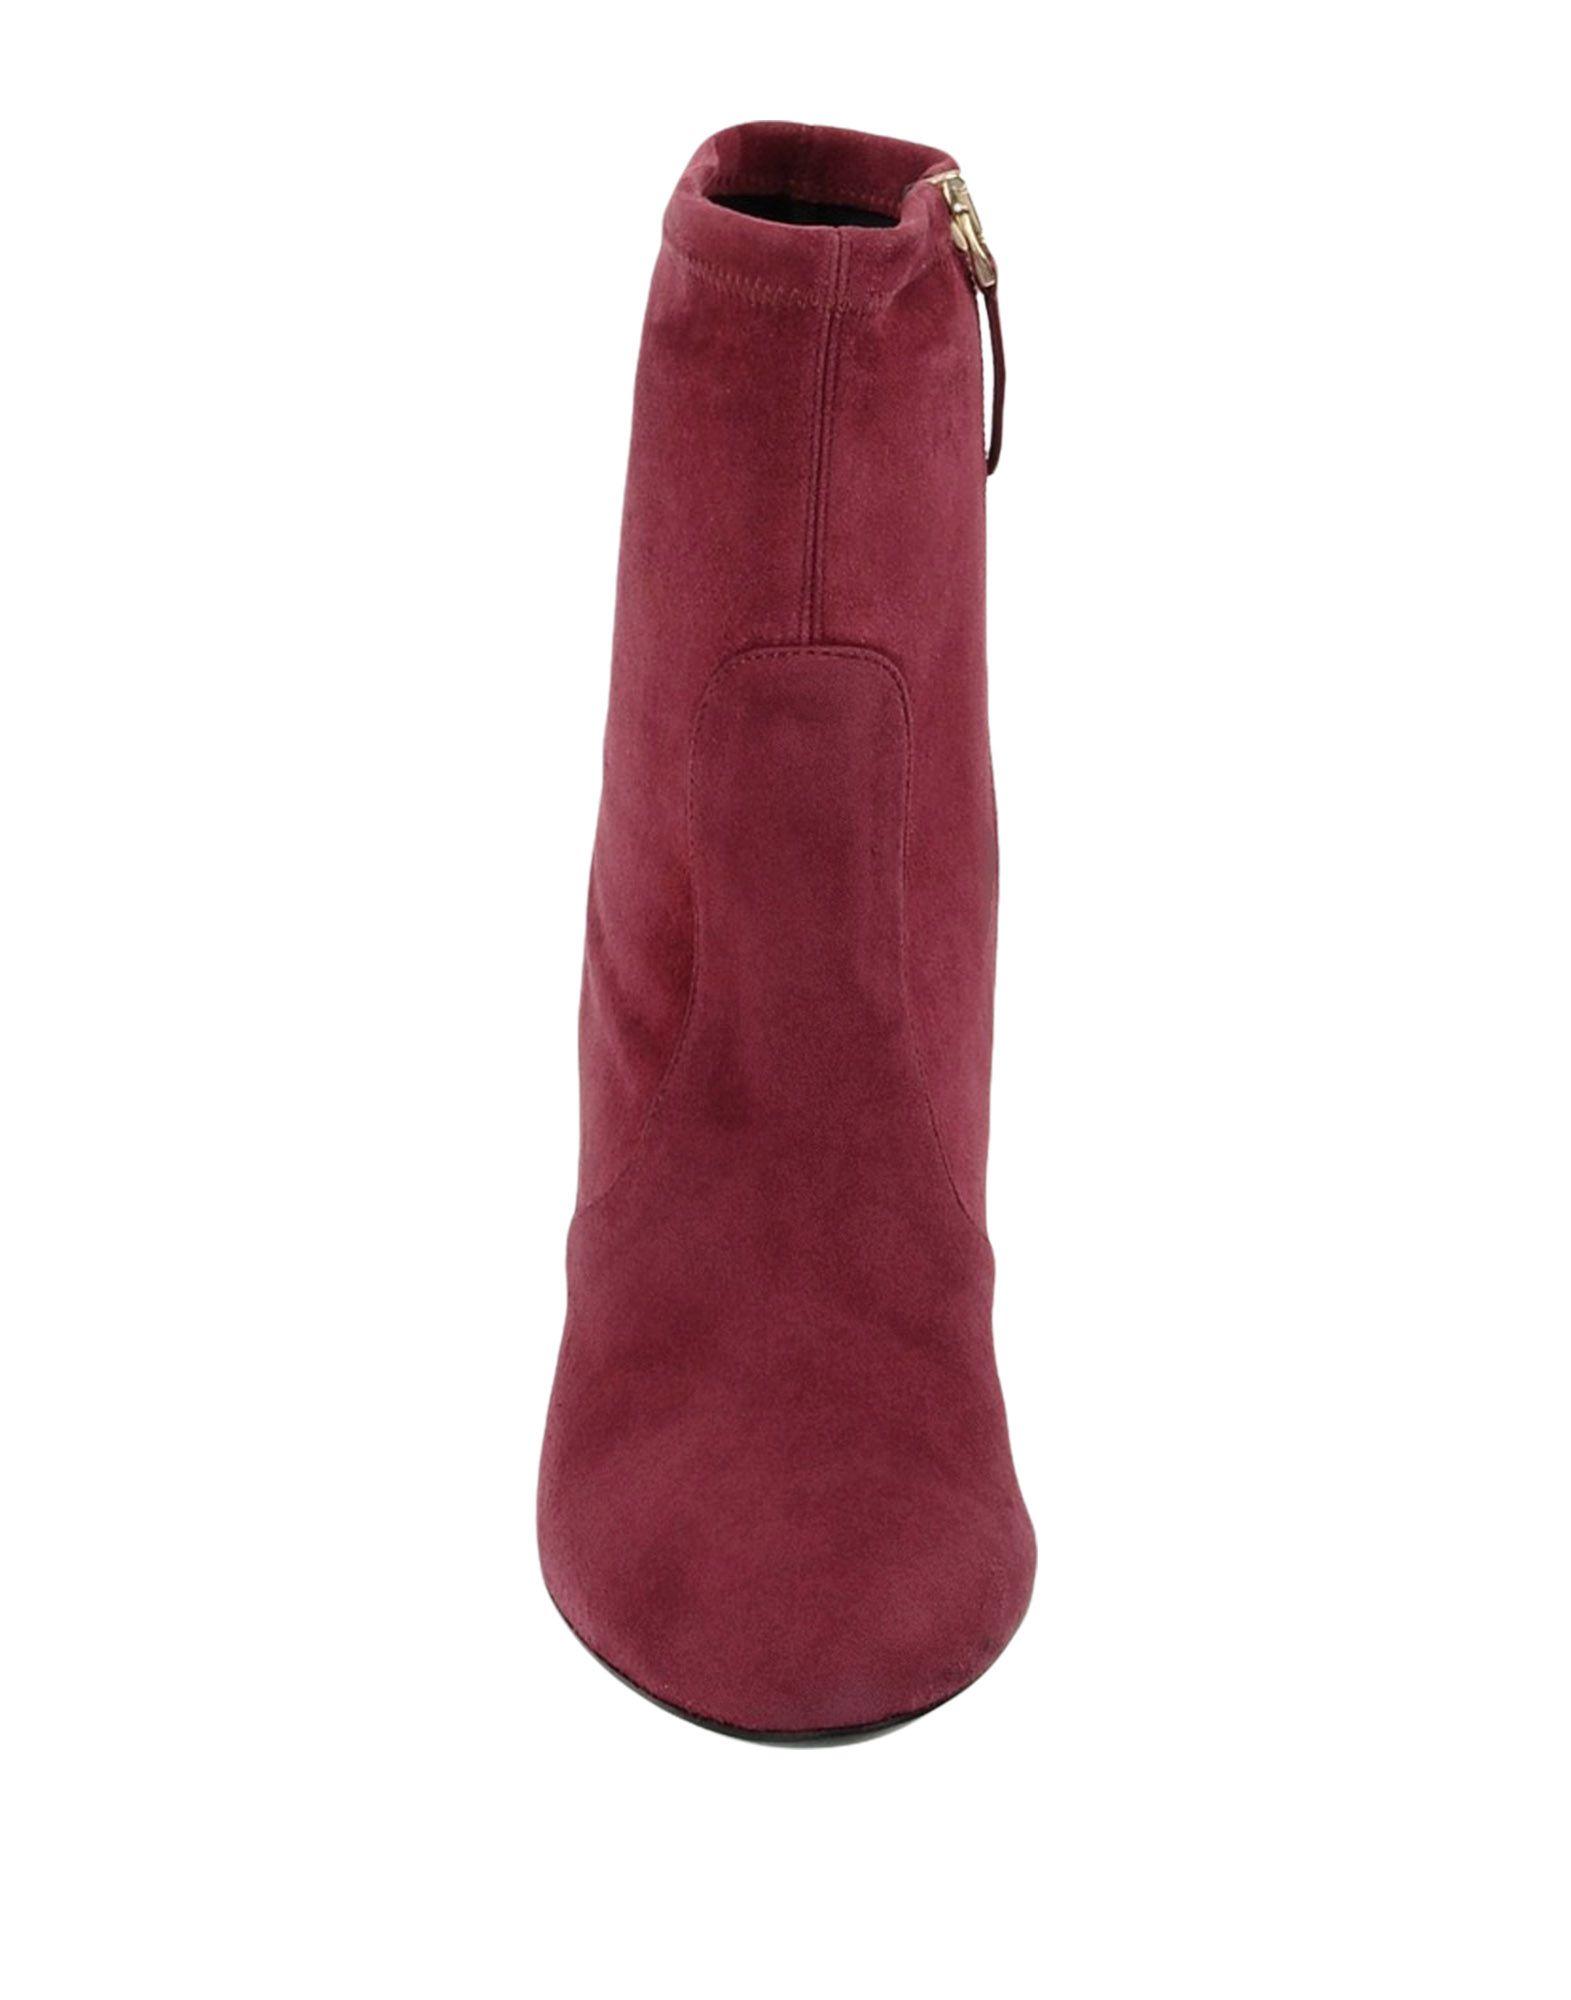 Carven gut Stiefelette Damen  11373175BAGünstige gut Carven aussehende Schuhe dc03db